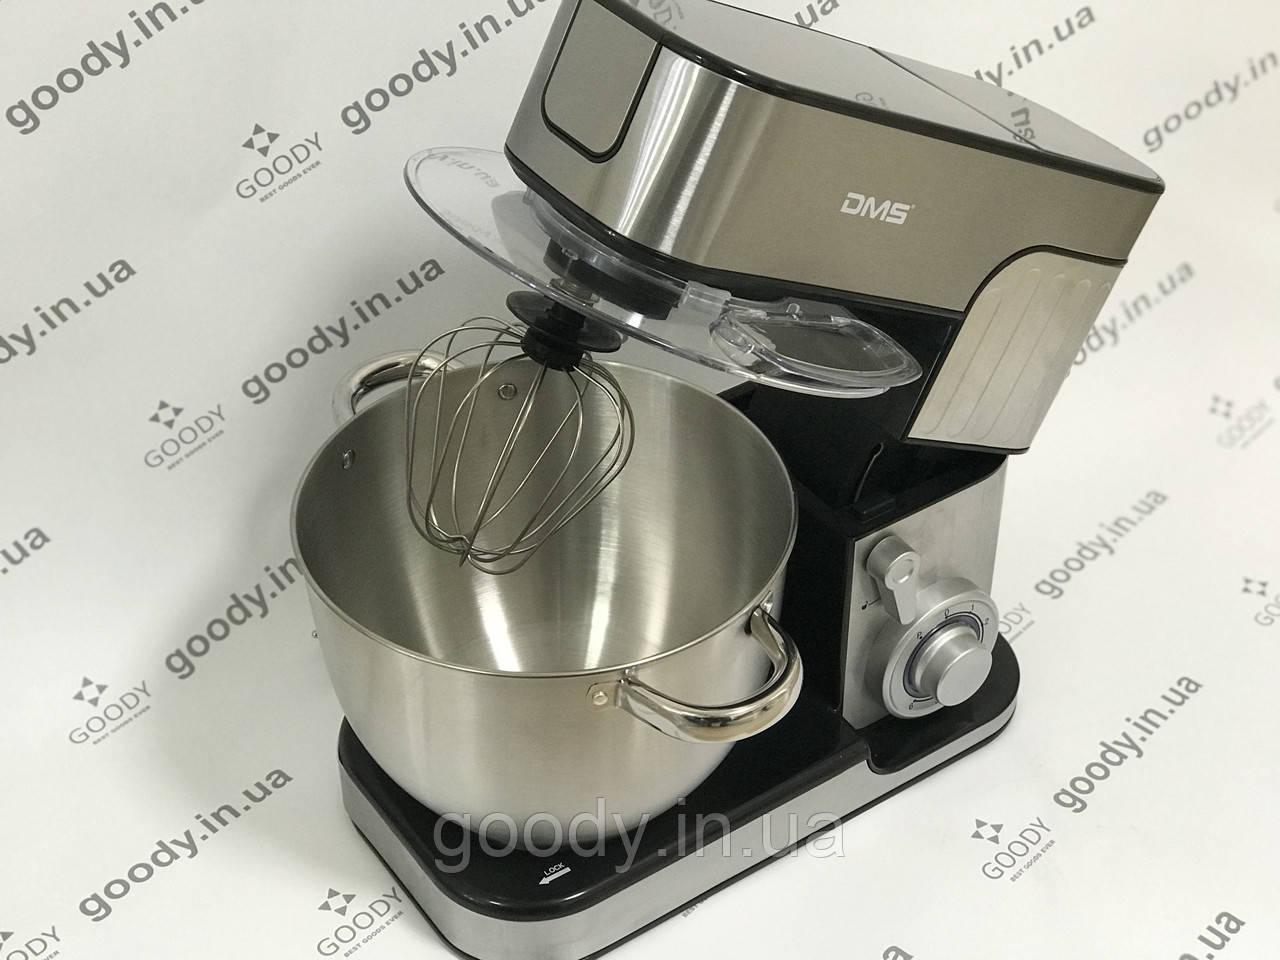 Кухонний комбайн 3в1 DMS Germany KMFB-2300 2300 Вт 7 л 2300 Вт - Good Deal - маркет збуту товарів для дому в Львове